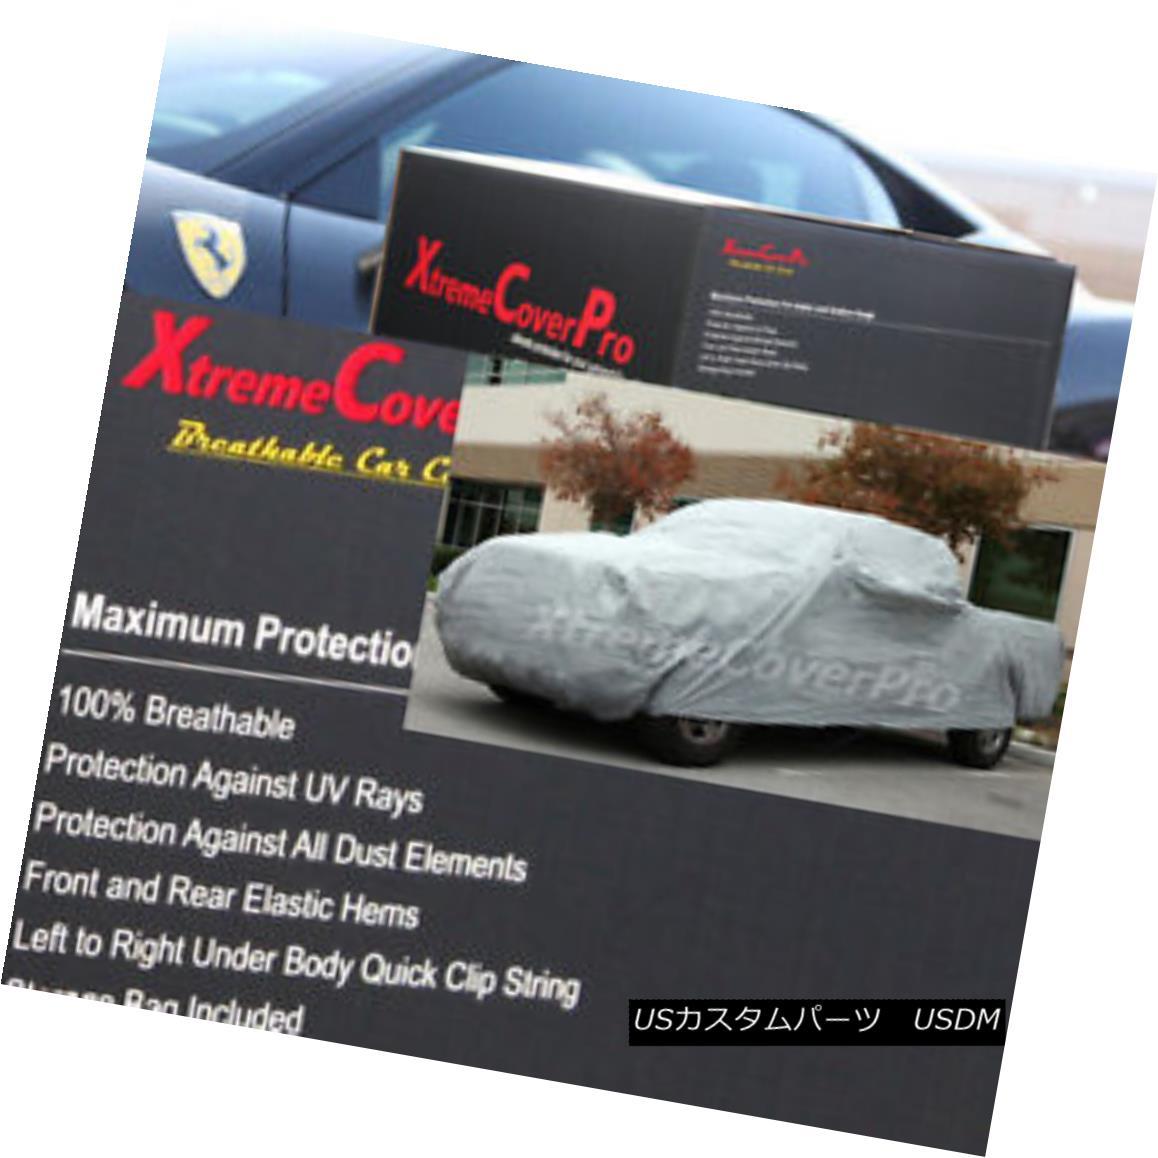 カーカバー 2013 Ford F250 Super Cab 6.75ft bed Breathable Car Cover 2013フォードF250スーパーキャブ6.75フィートベッド通気性の車のカバー